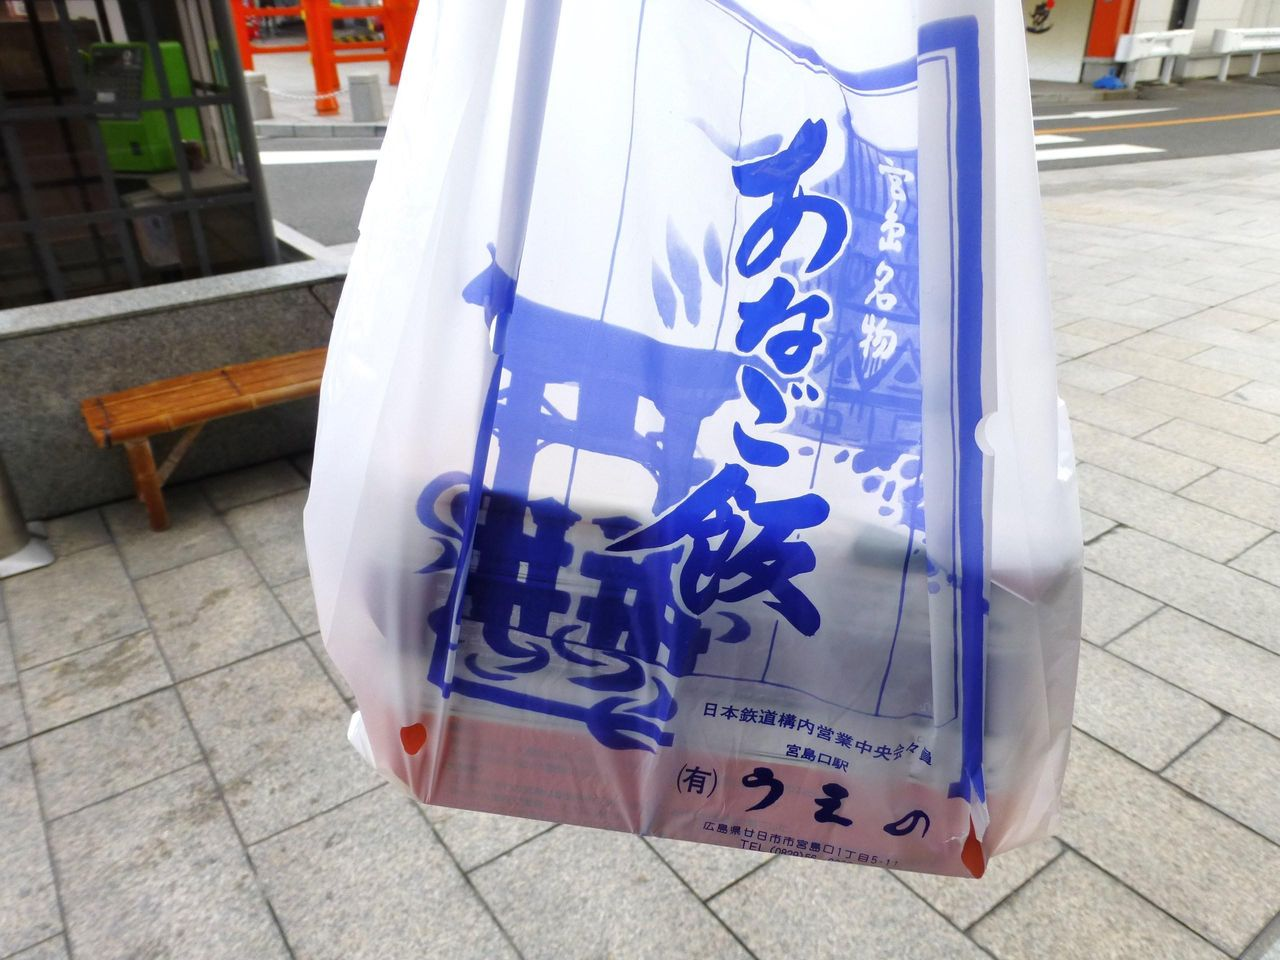 あなご飯弁当を持って、宮島に渡ります!